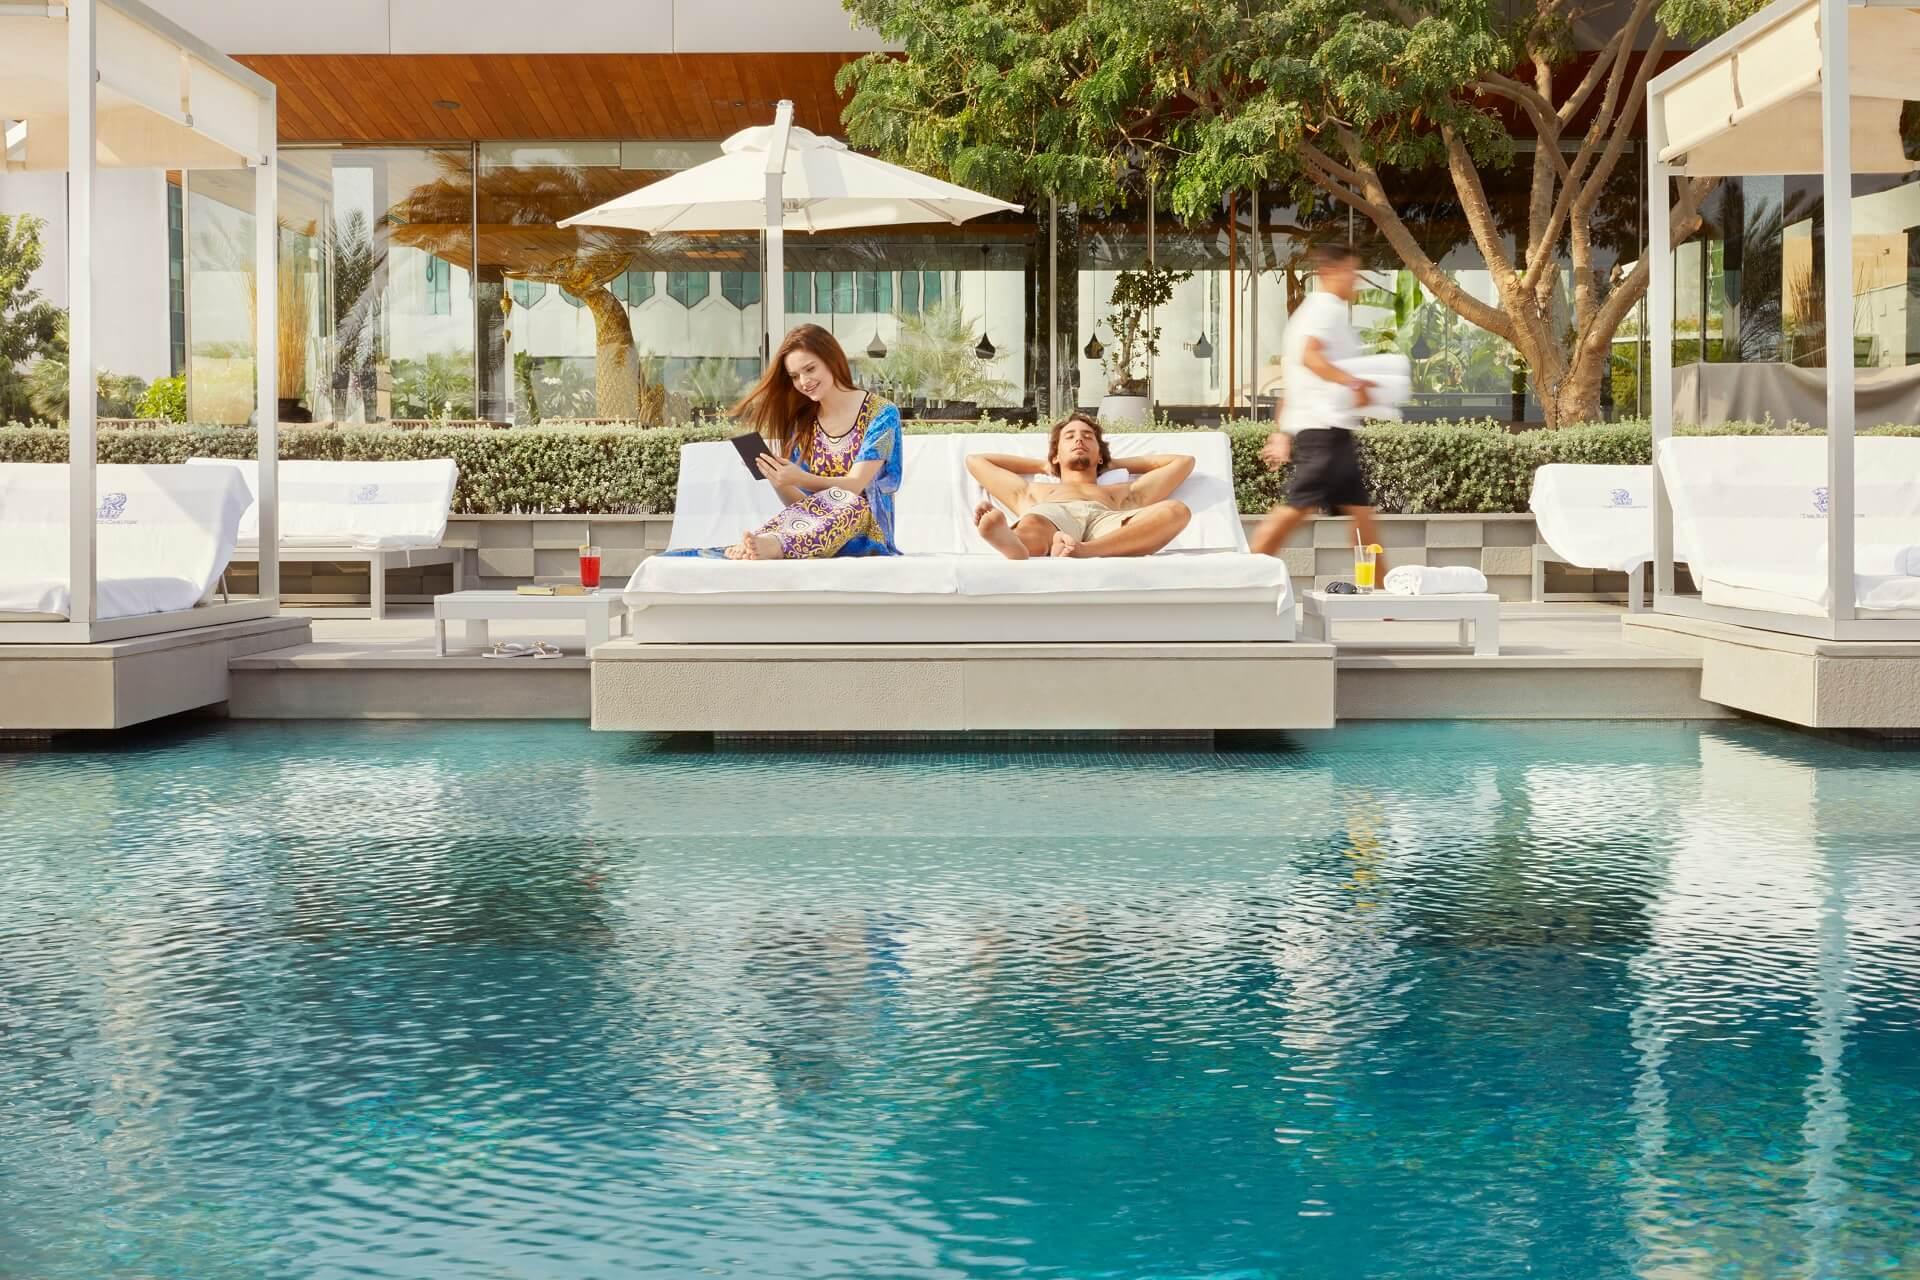 Hotel, Spa und Erholung in Bahrain